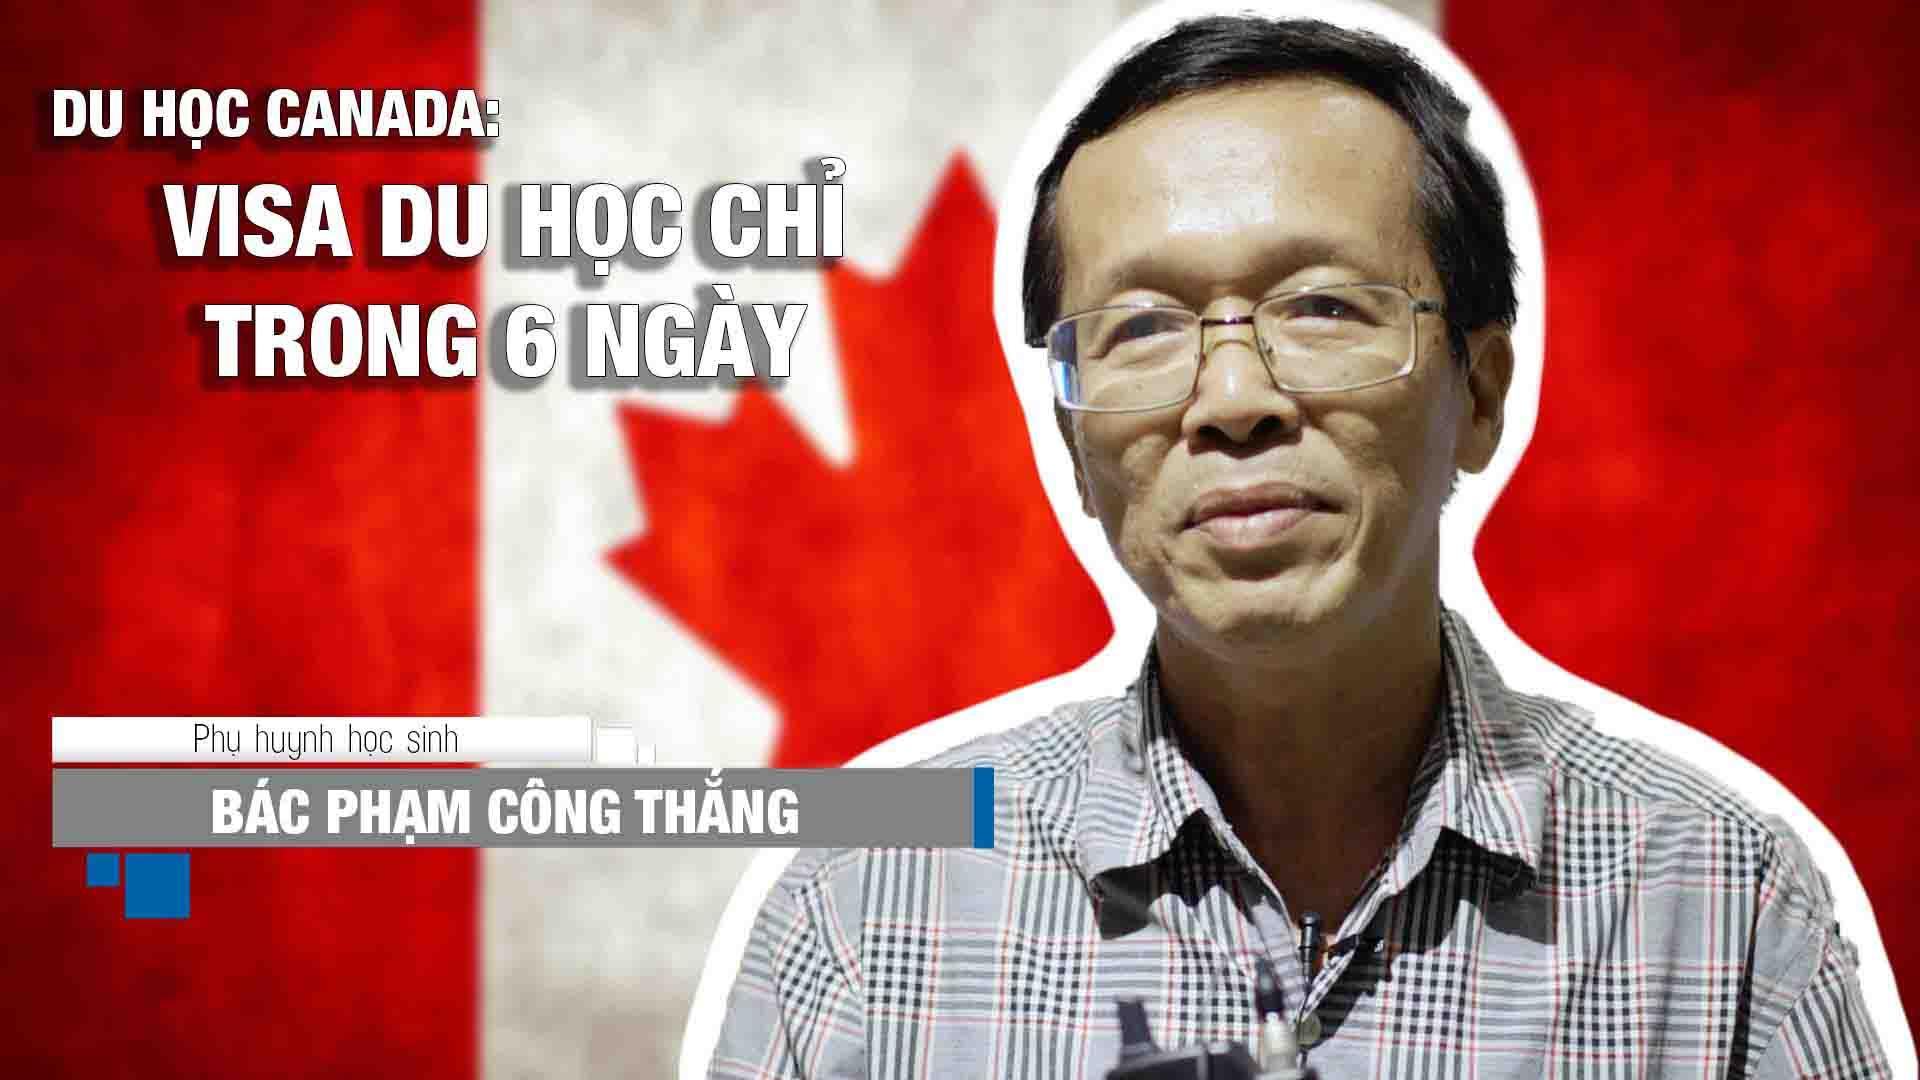 Chia sẻ về quá trình làm visa Canada của bác Phạm Công Thắng, phụ huynh bạn Phạm Công Toại – học sinh được Lãnh sự quán Canada xét cấp visa du học bậc THPT trong vòng 6 ngày.